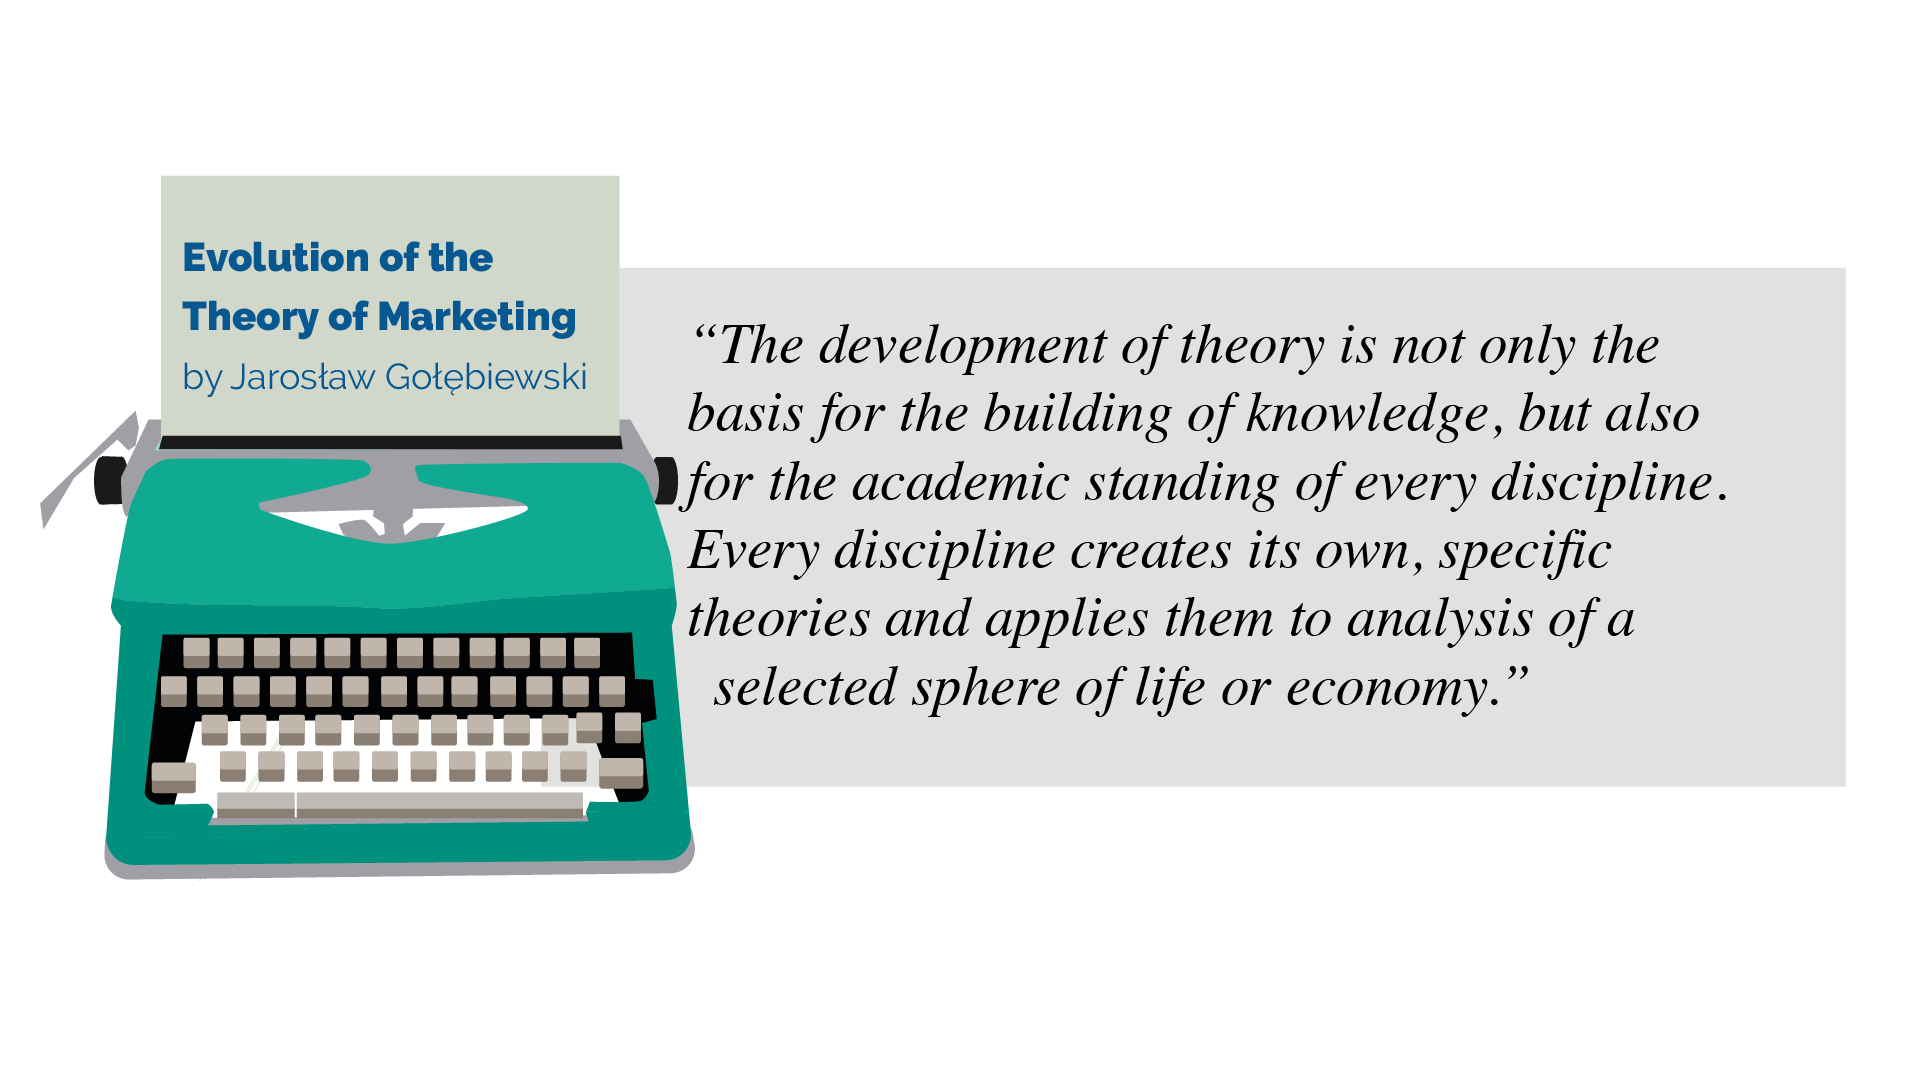 Evolution of the Theory of Marketing Quote by Jarosław Gołębiewski